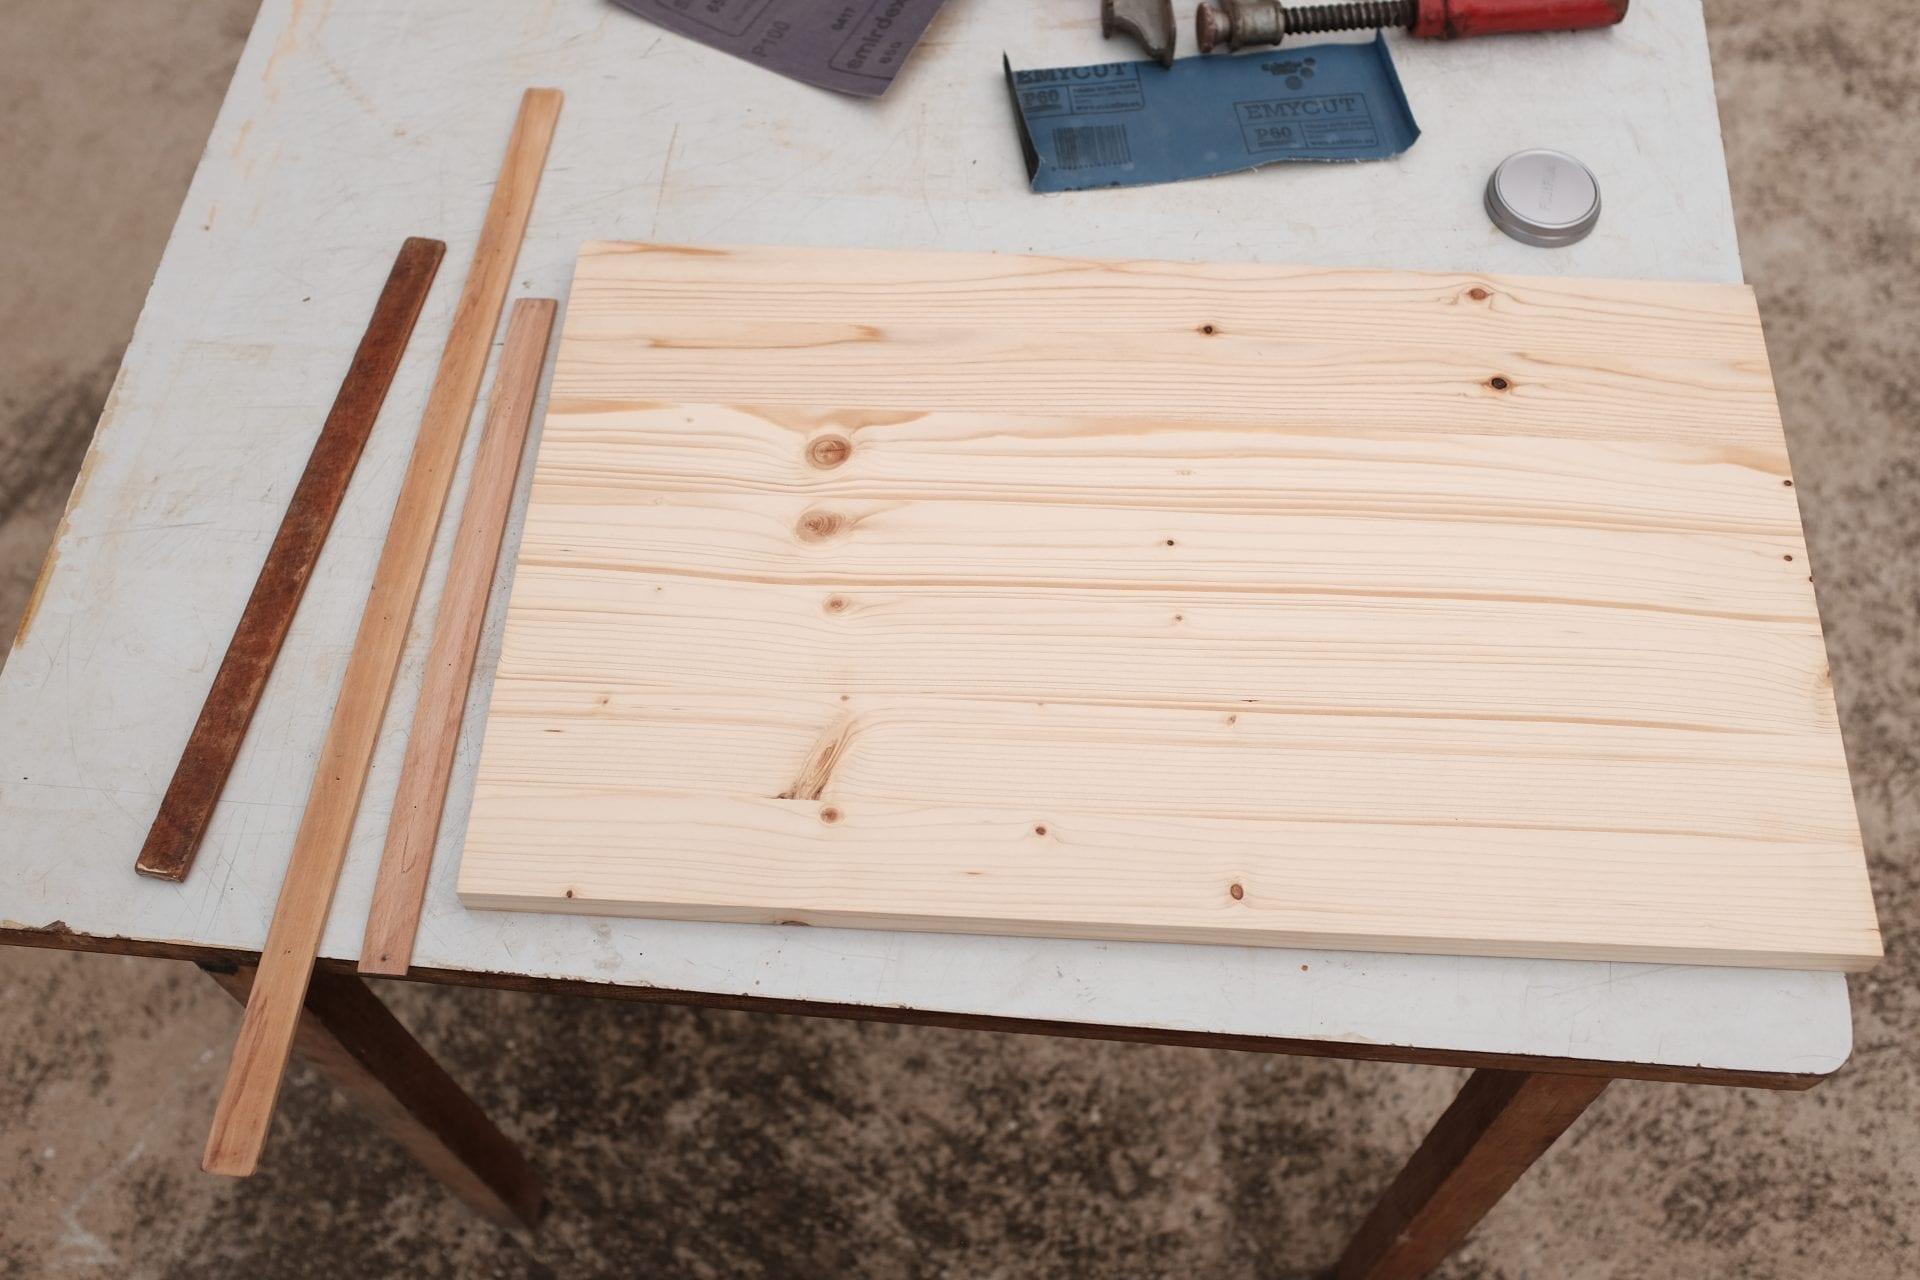 bocne-drziaky-truhlice-hoblovanie-brusenie-natery-na-drevo-impregnacia-lak-lazura